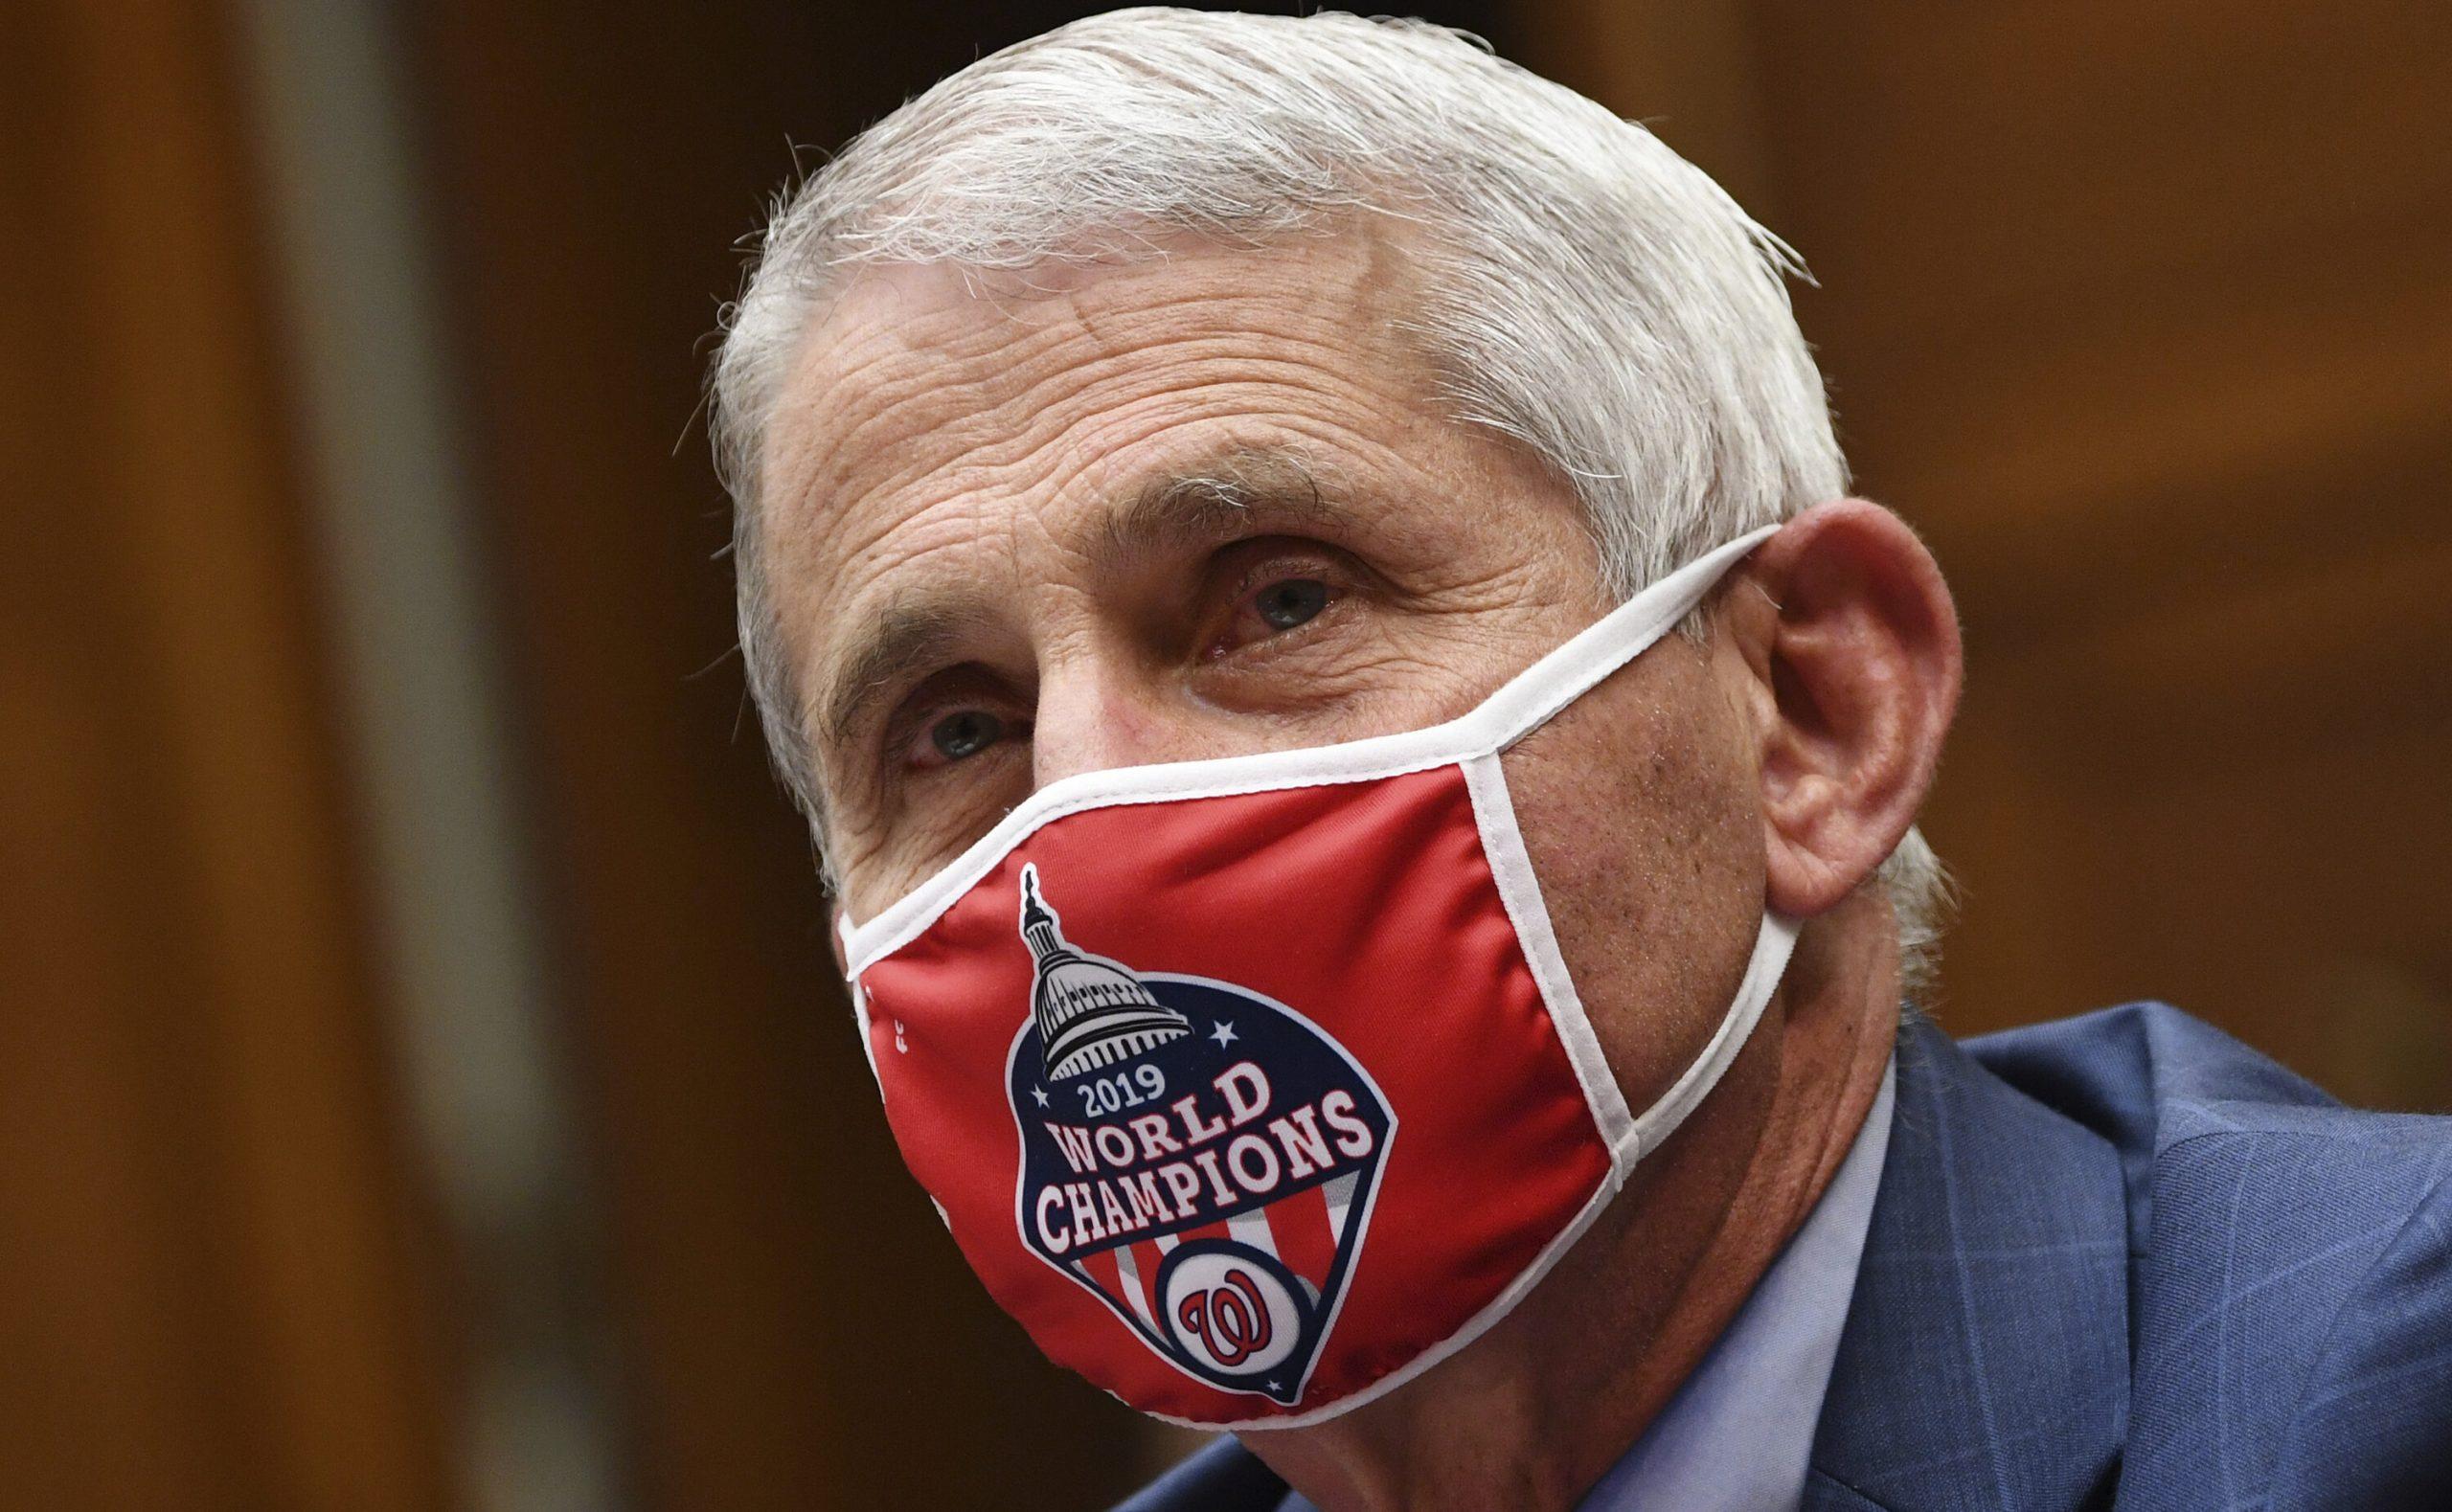 Texas| Scade numărul de cazuri Covid, deși masca nu mai este obligatorie. Fauci nu-și poate explica situația